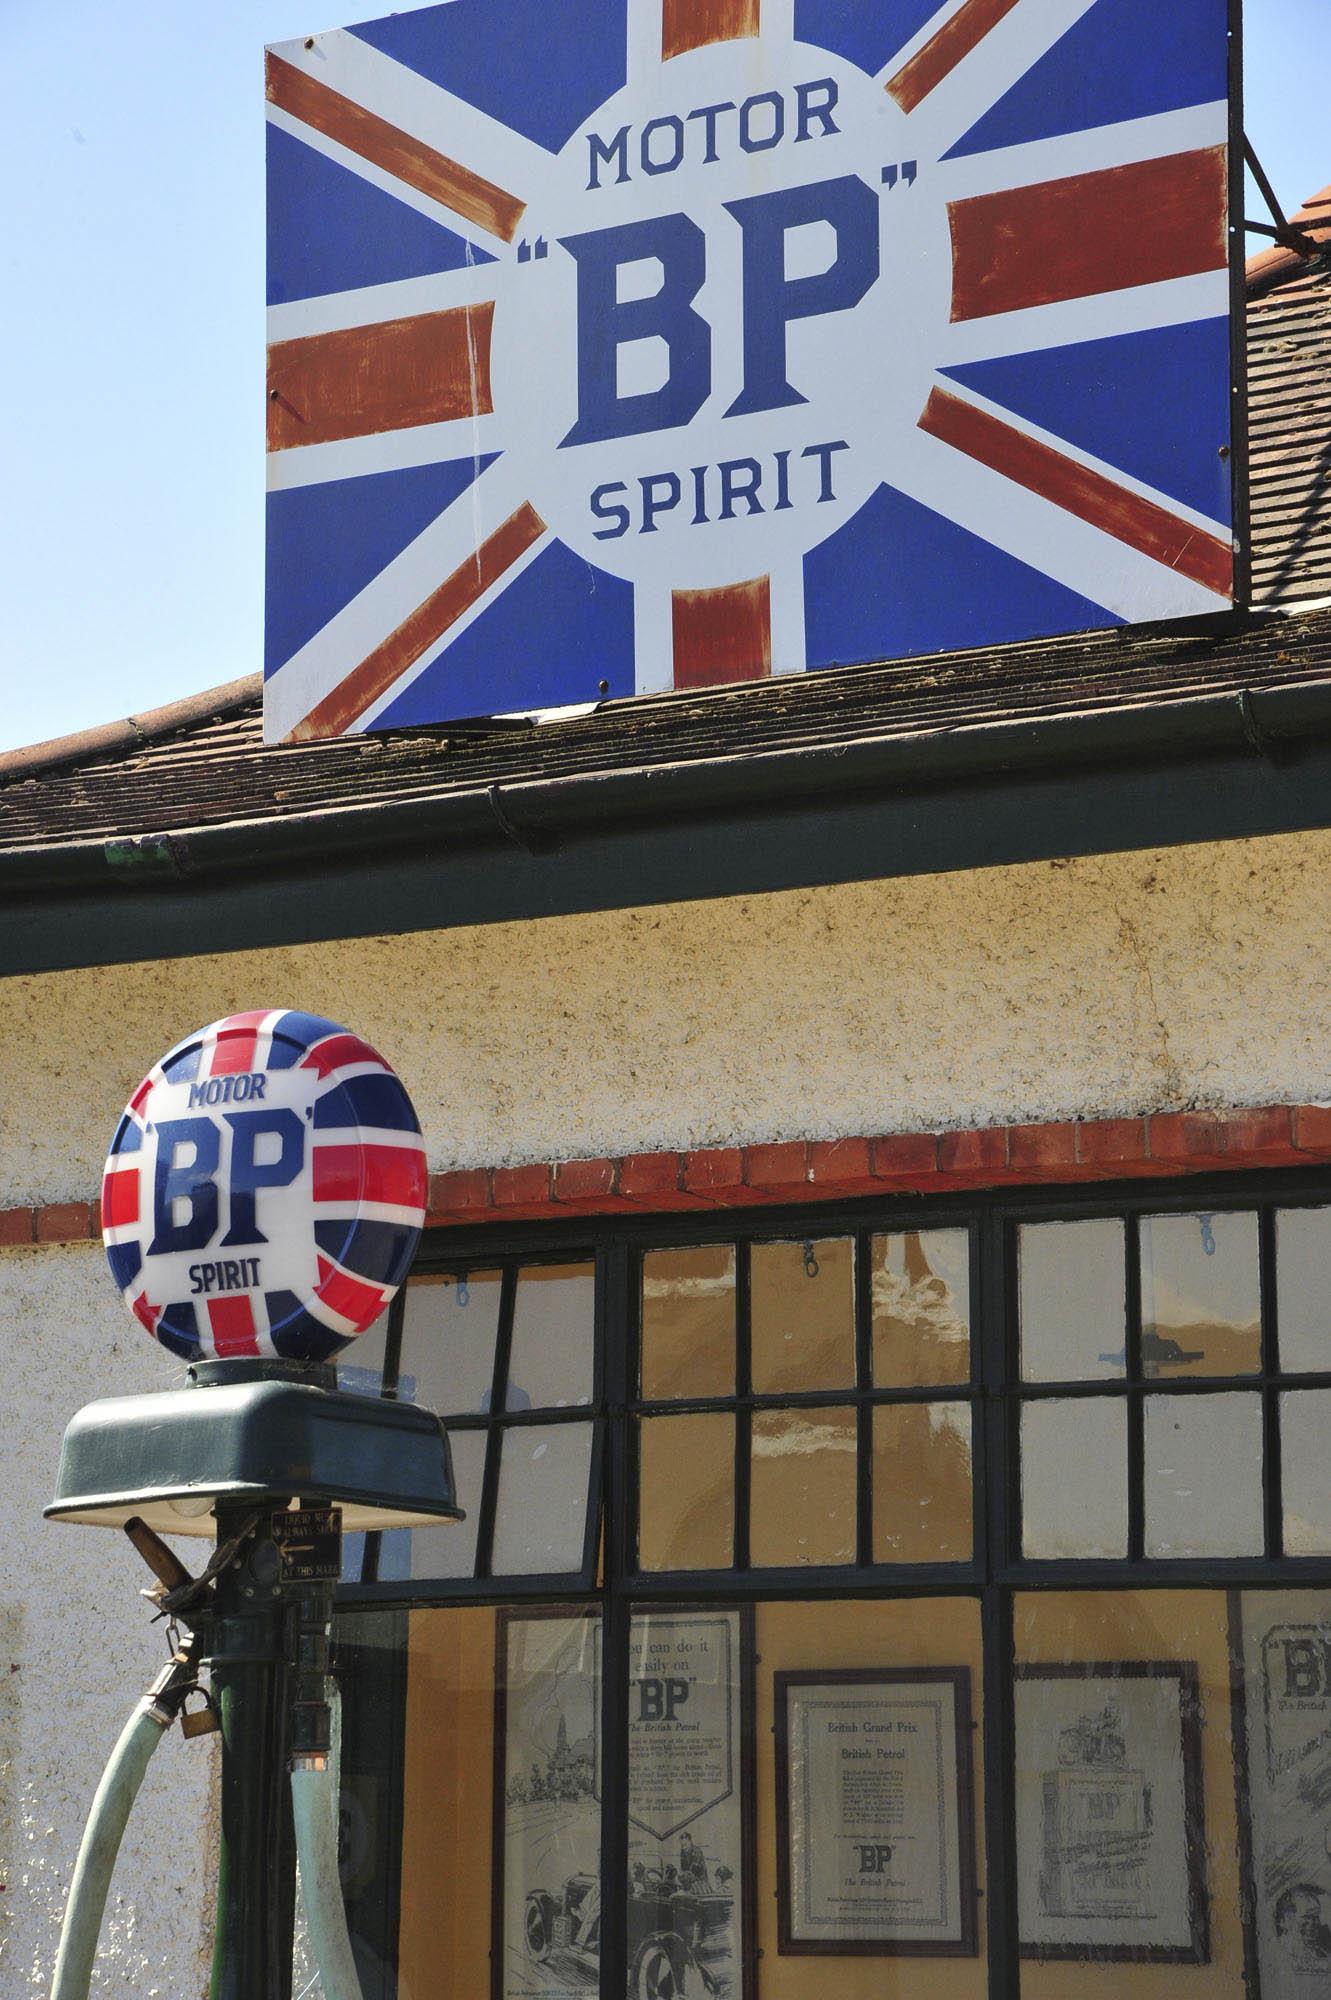 Brookland Museum BP Motor Spirit